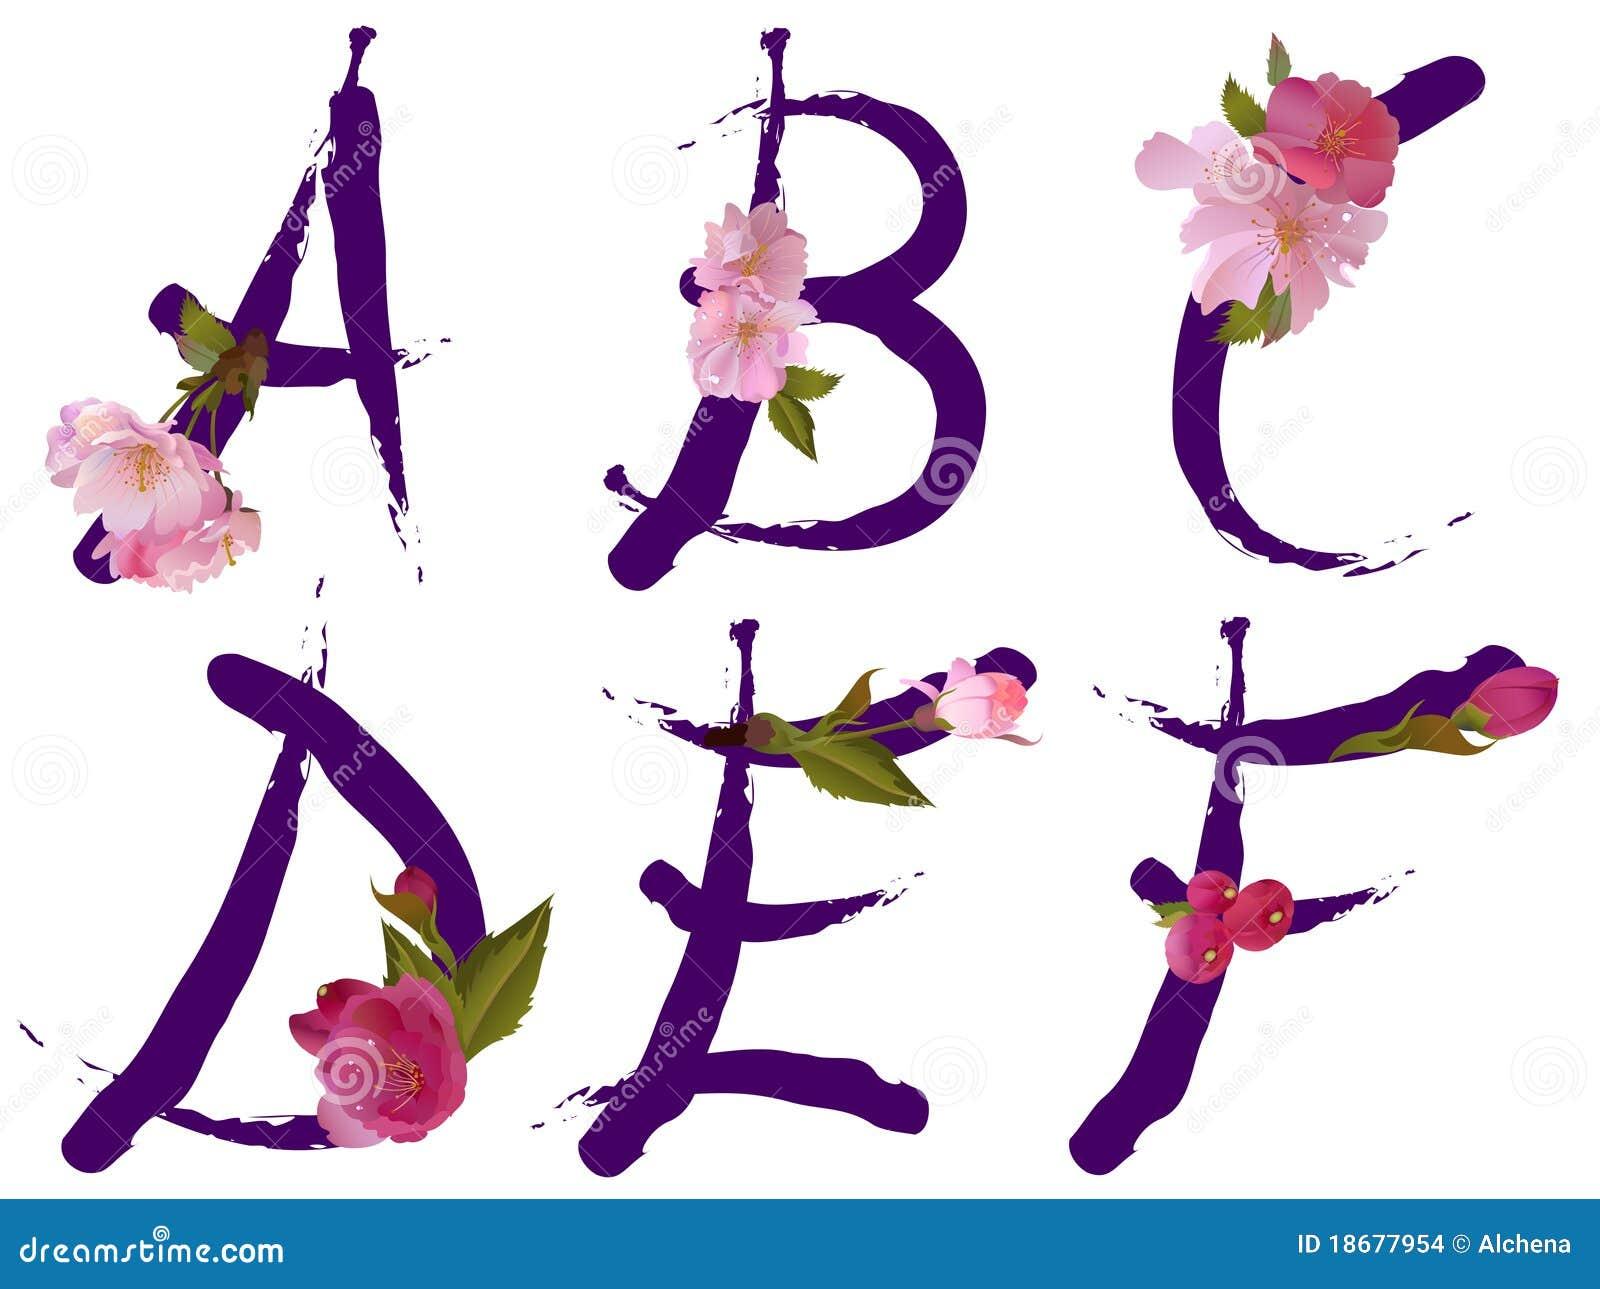 Alfabeto Del Resorte Con Las Flores Letra A, B, C, D, E, F Imagenes de ...